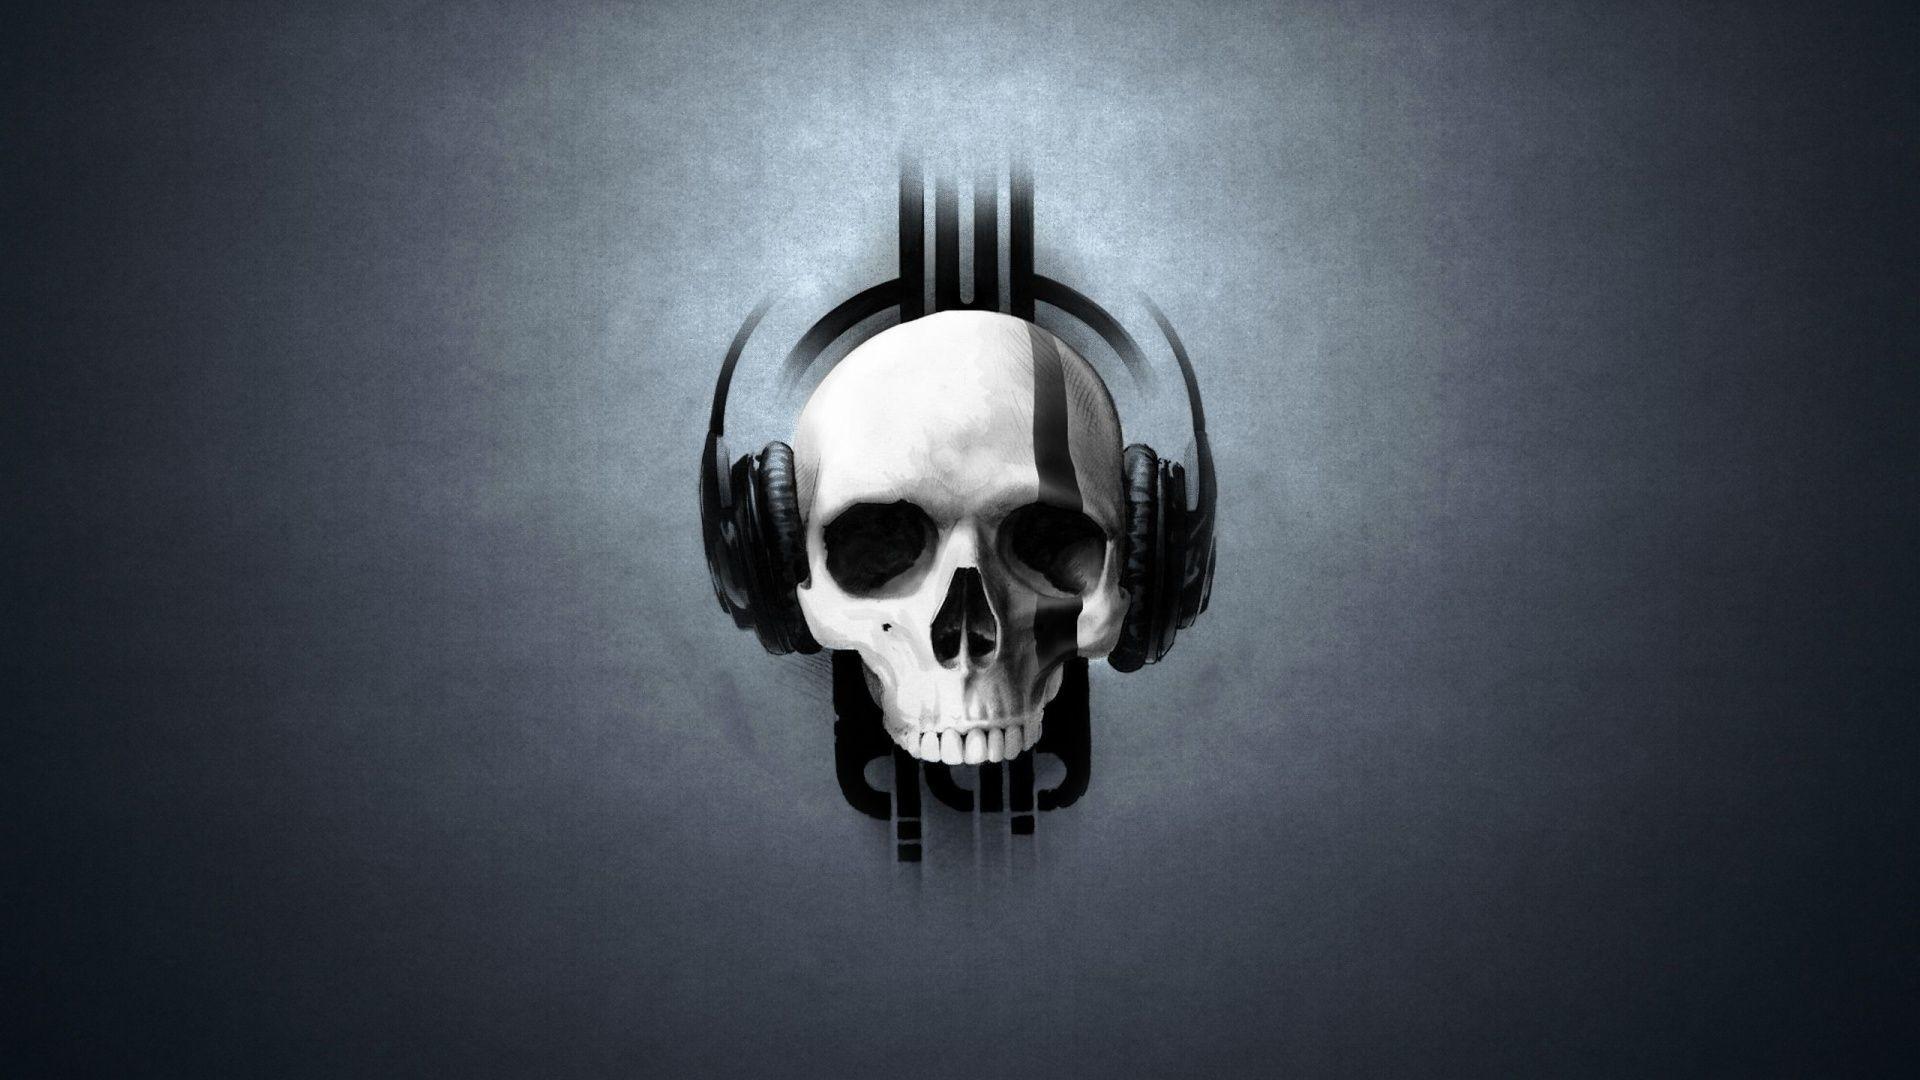 Cool Skull Wallpaper